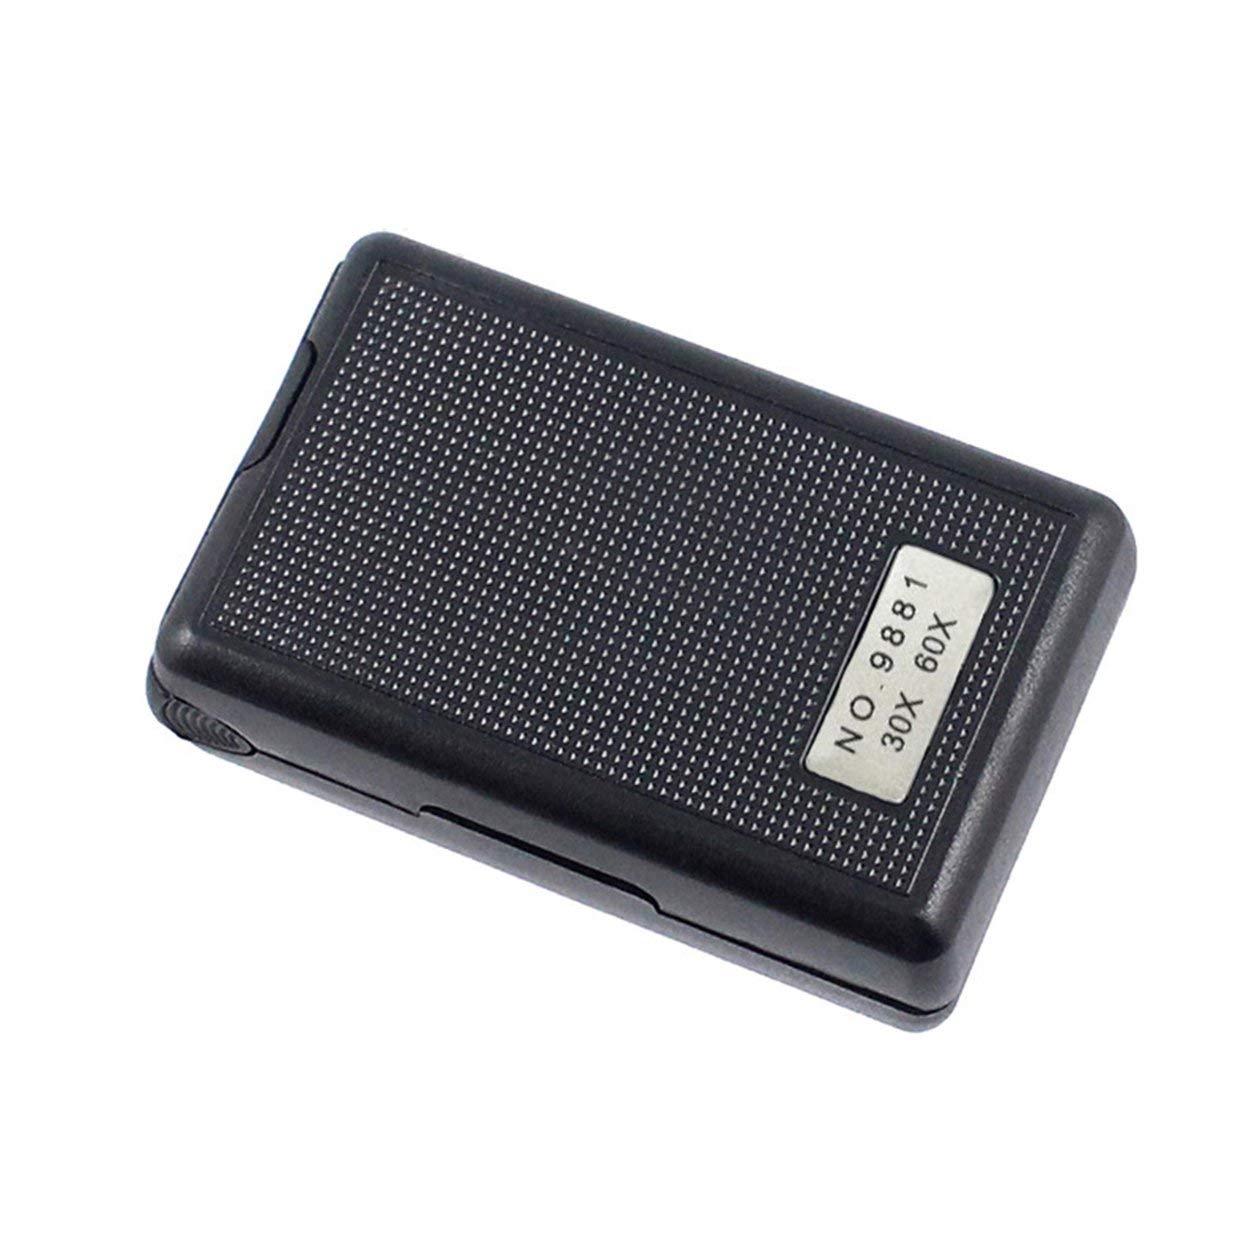 colore: nero 30X 60X Lente di ingrandimento per gioielli a tiretto Mini lente dingrandimento per mani Lente di ingrandimento Microscopio portatile Lente per lenti ottiche con luce a LED